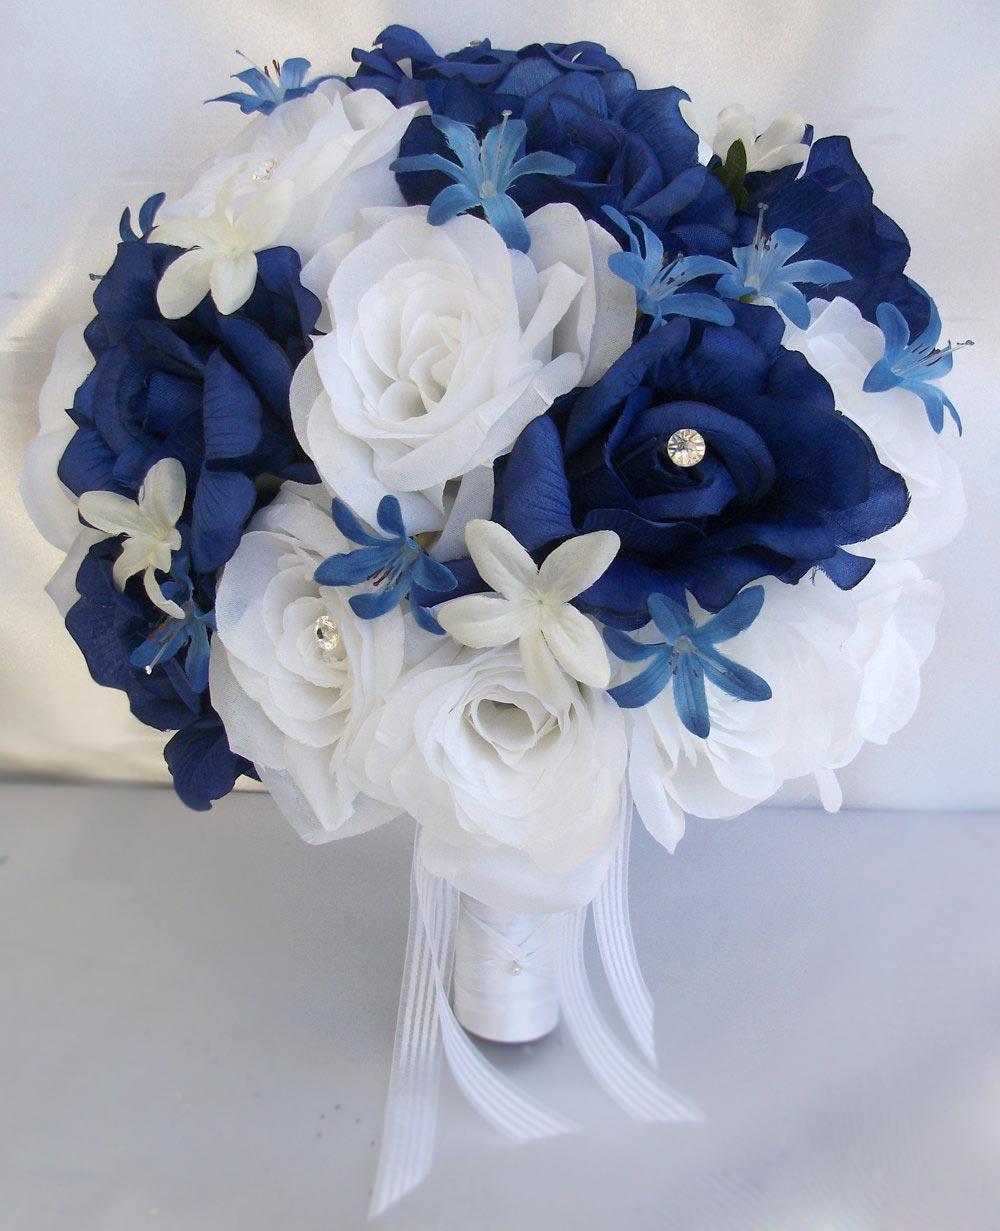 Hoa cưới cầm tay màu xanh dương kết từ hoa hồng trắng và xanh